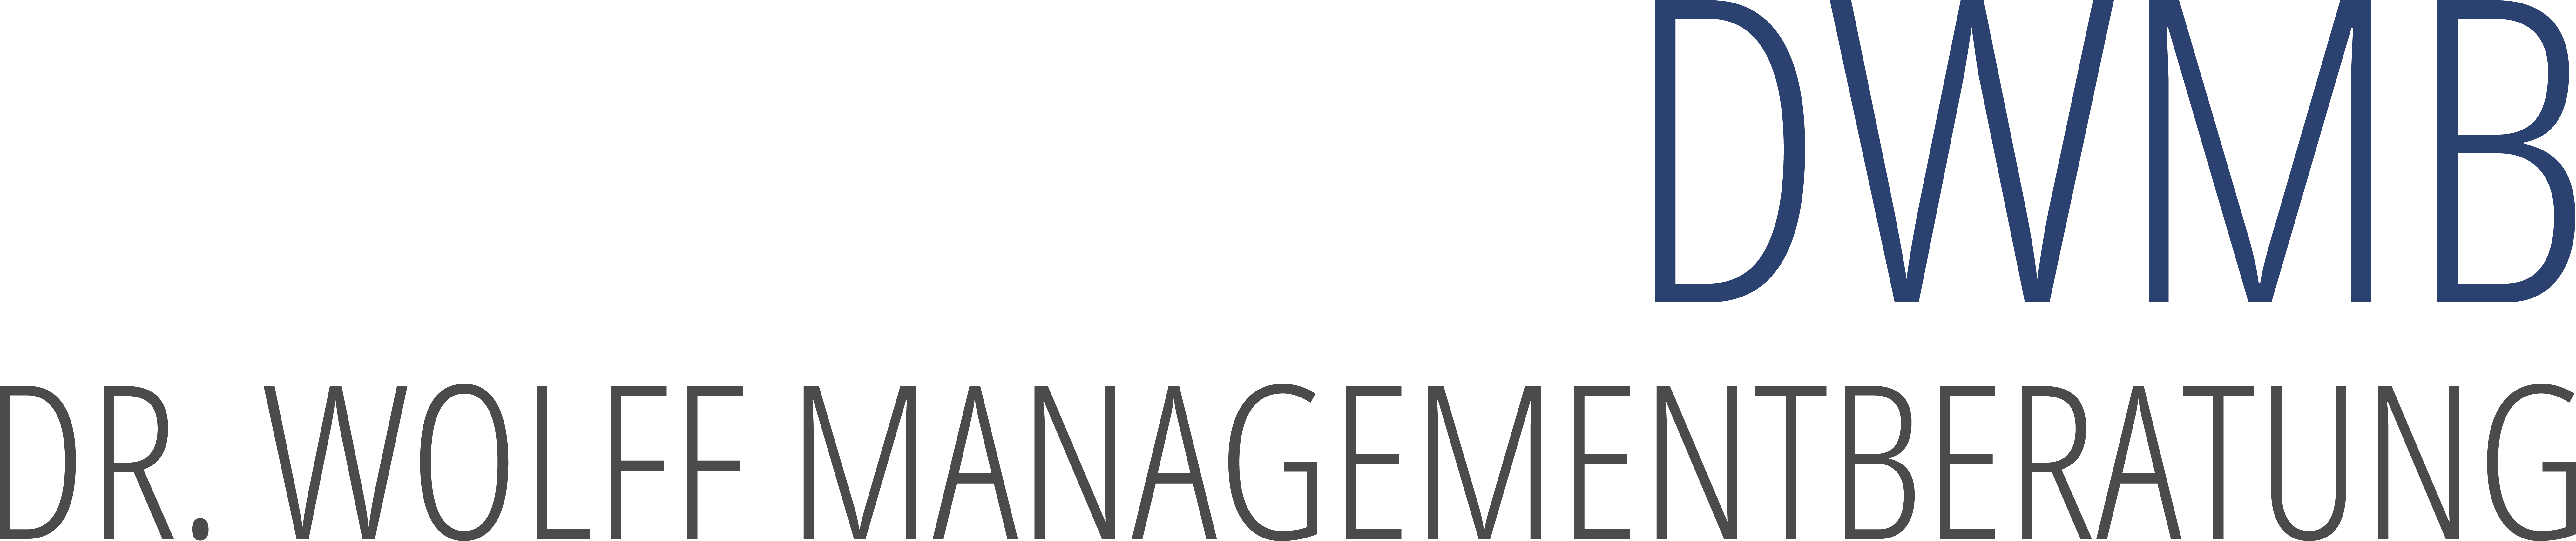 dwmb-logo-header